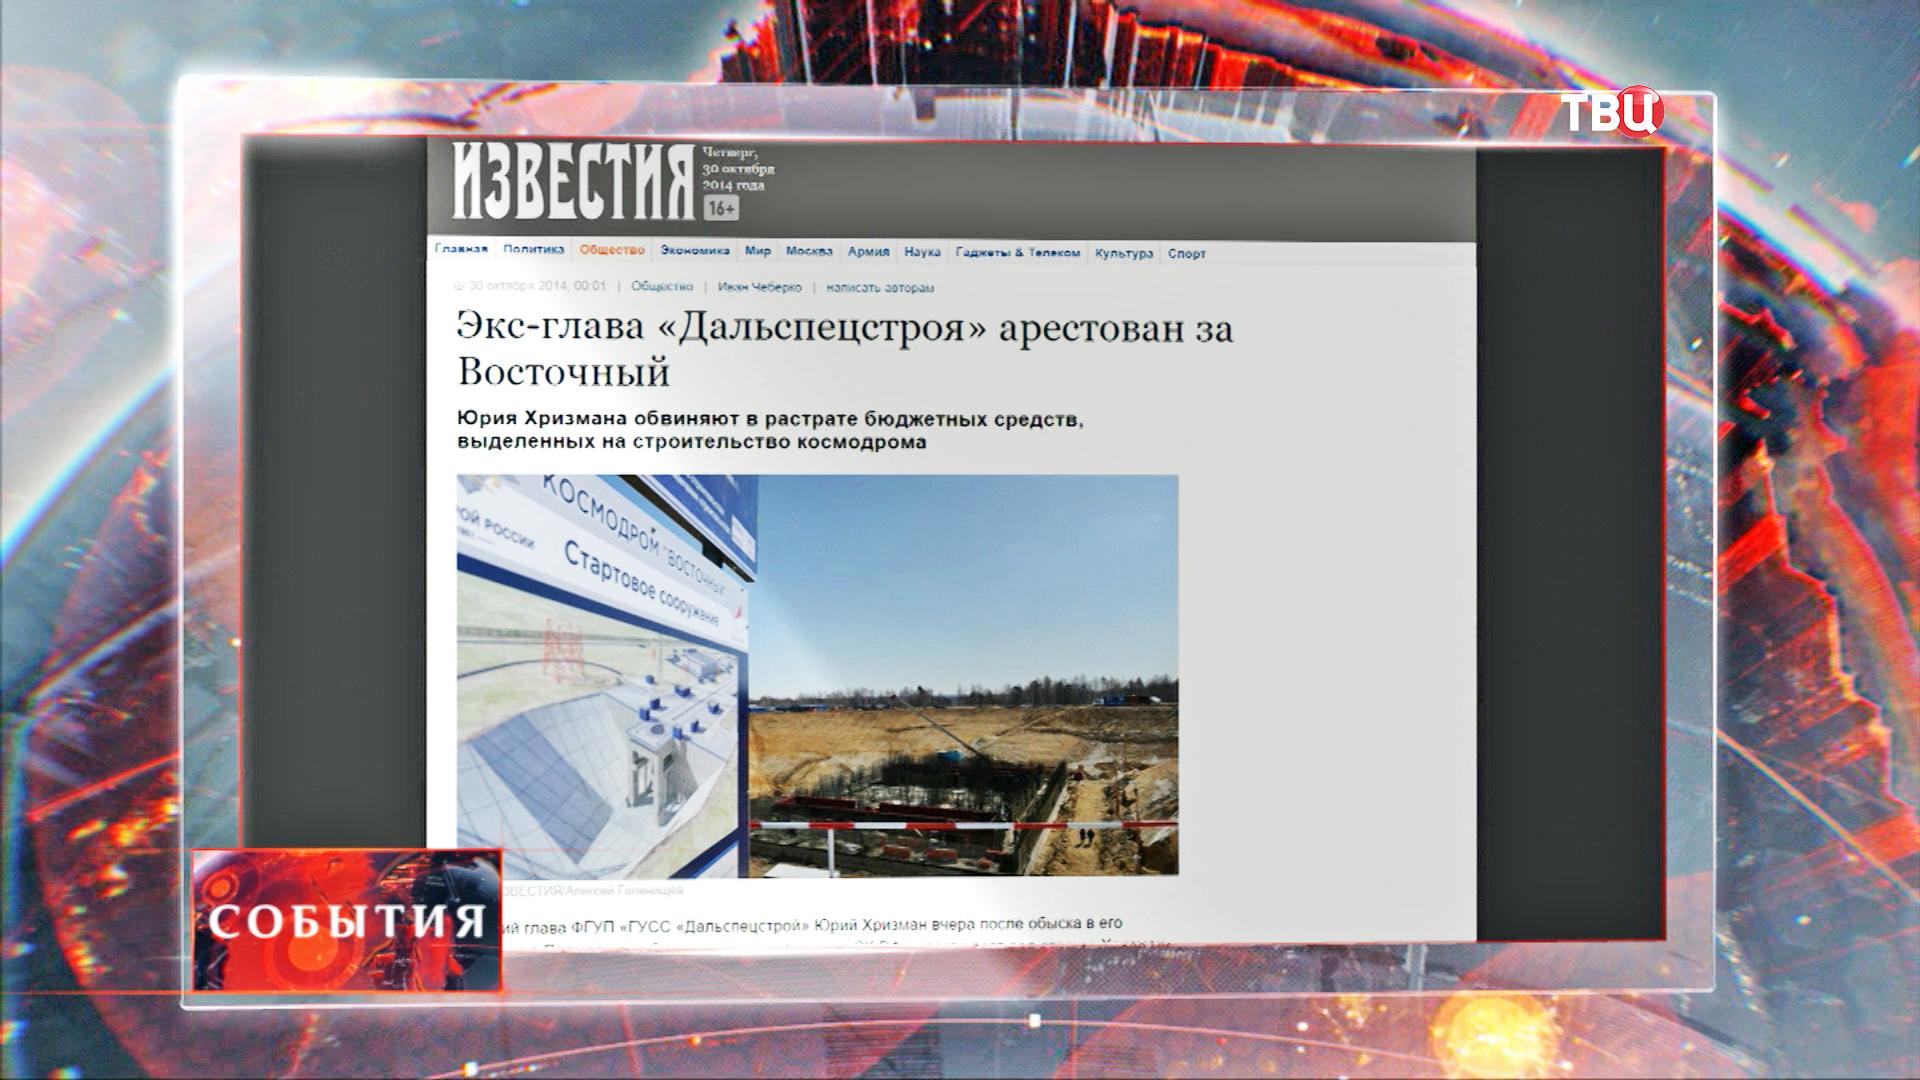 Арест Юрия Хризмана